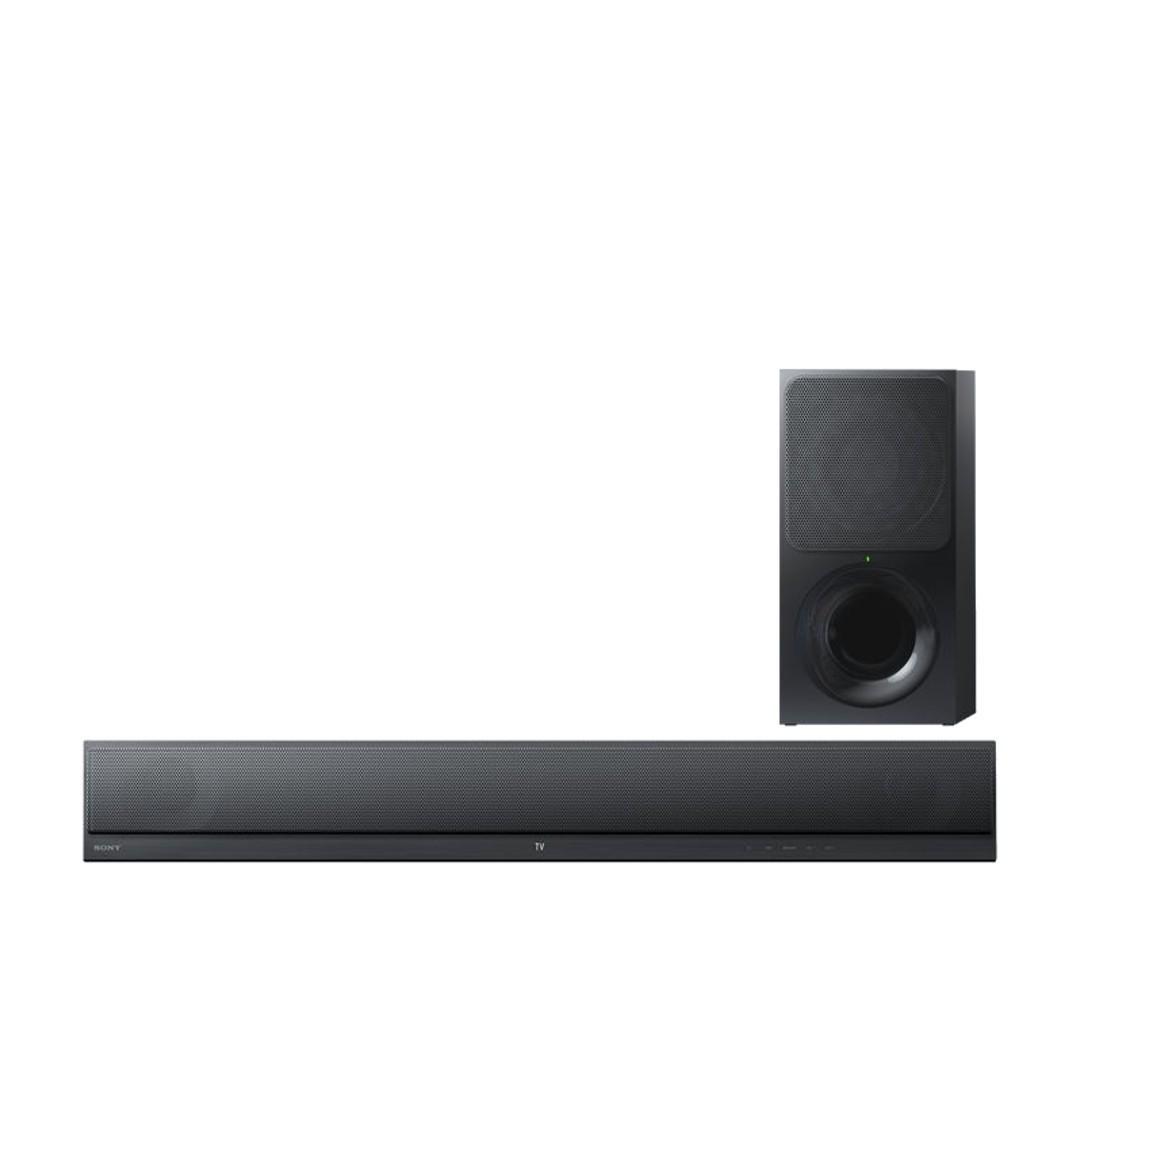 Sony HT-CT390 2.1 Soundbar mit Bluetooth - Schwarz